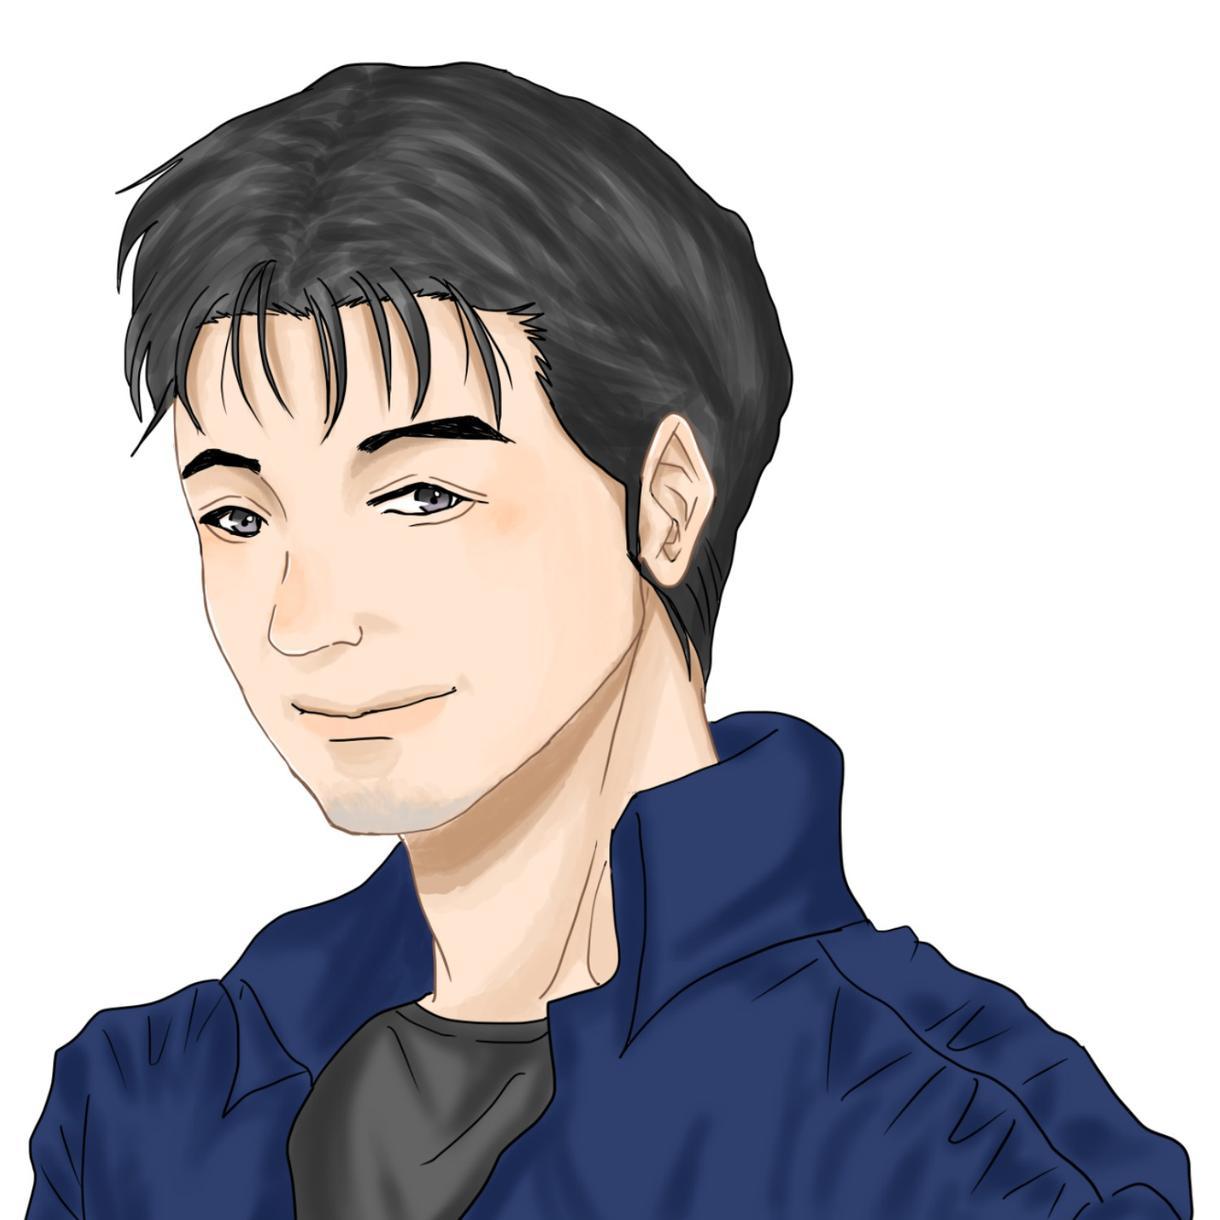 似顔絵イラストをお描きします